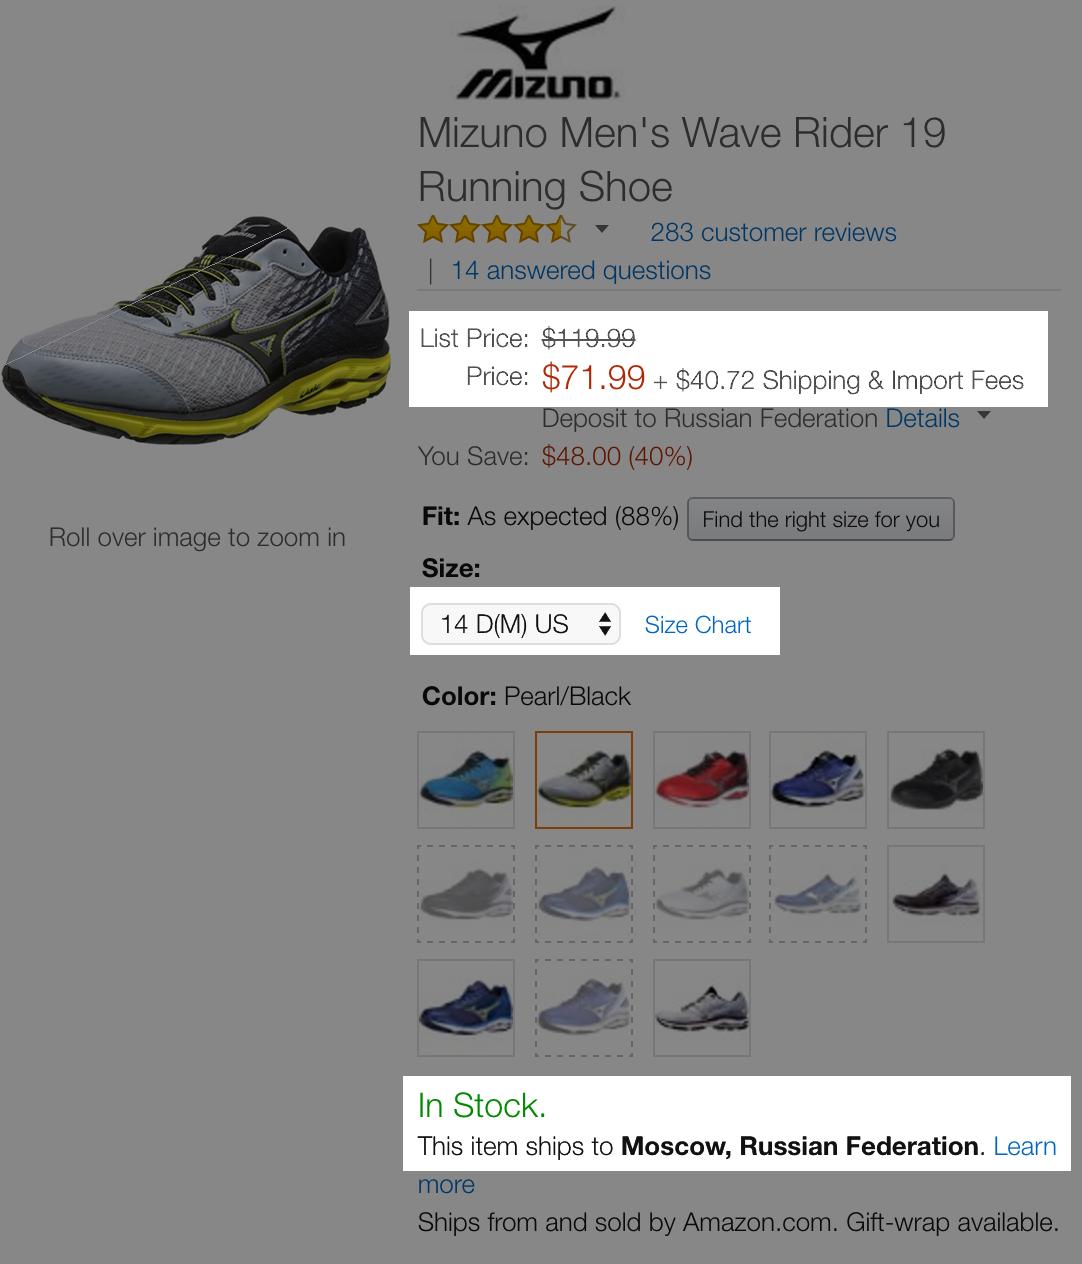 Эти же кроссовки размера 14 D(M) — можно, стоимость доставки указана рядом с ценой